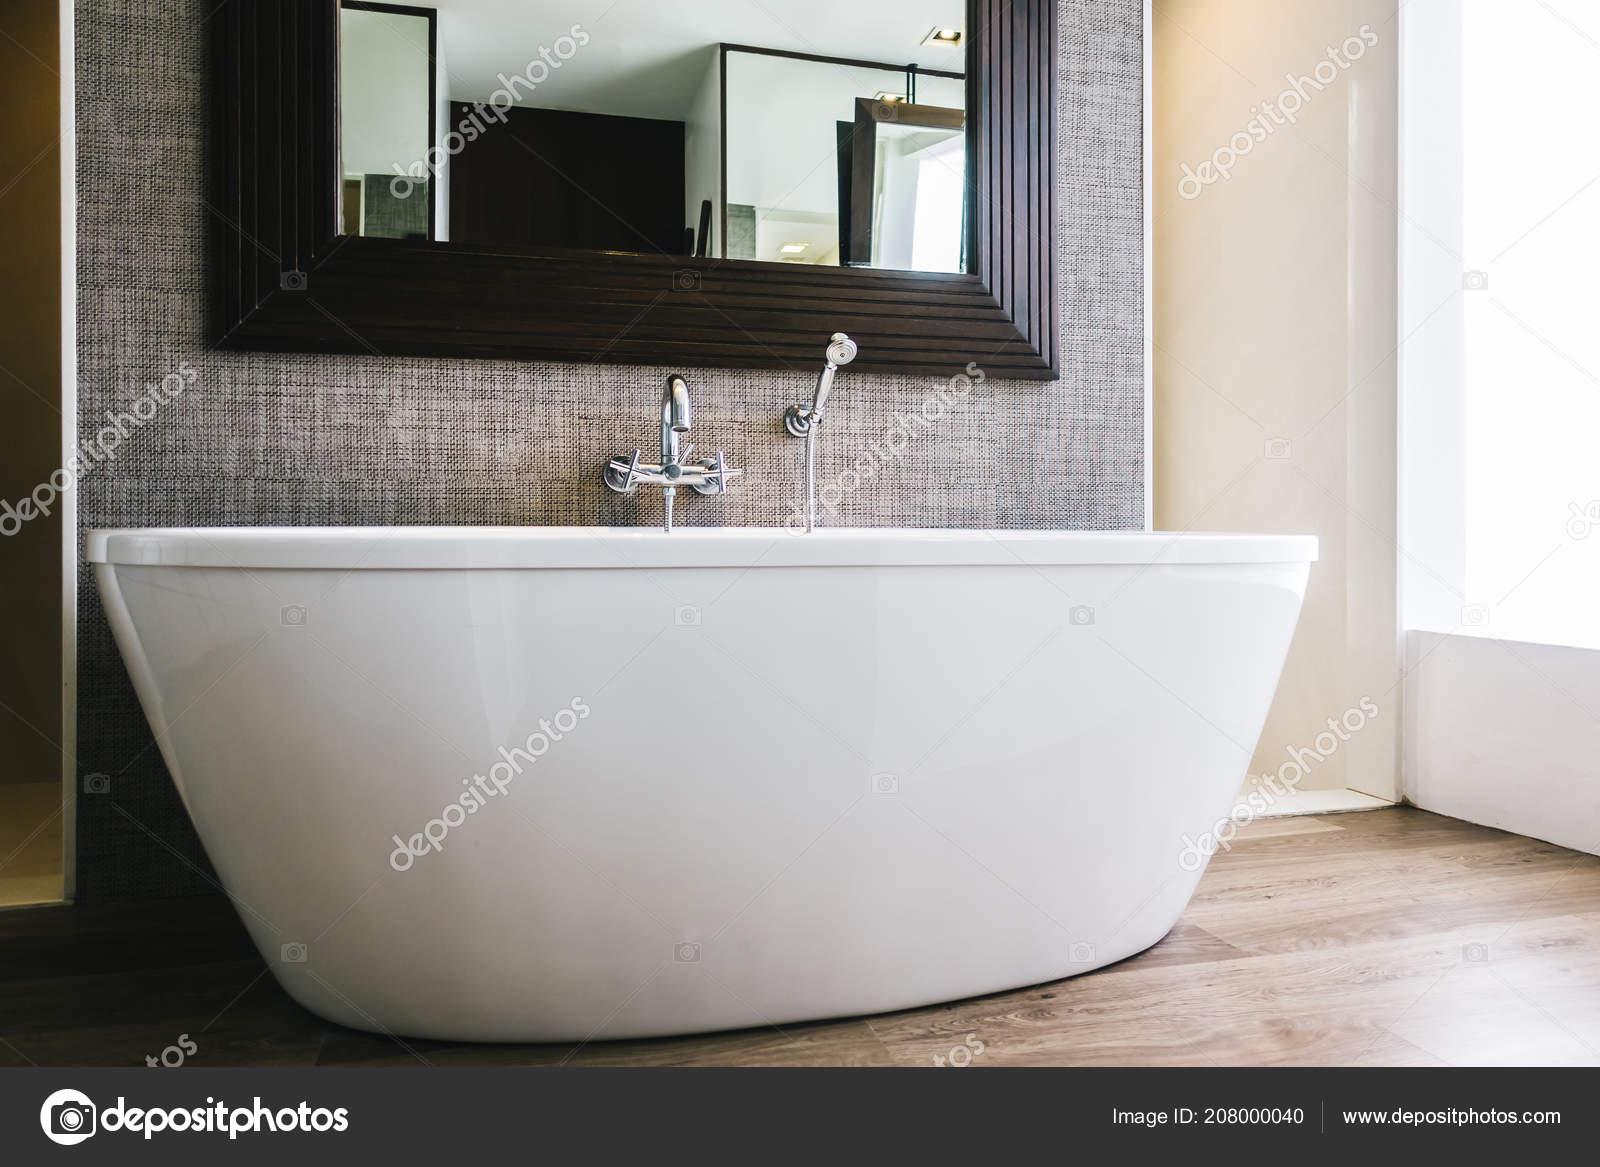 Prachtige luxe witte badkuip decoratie badkamer interieur